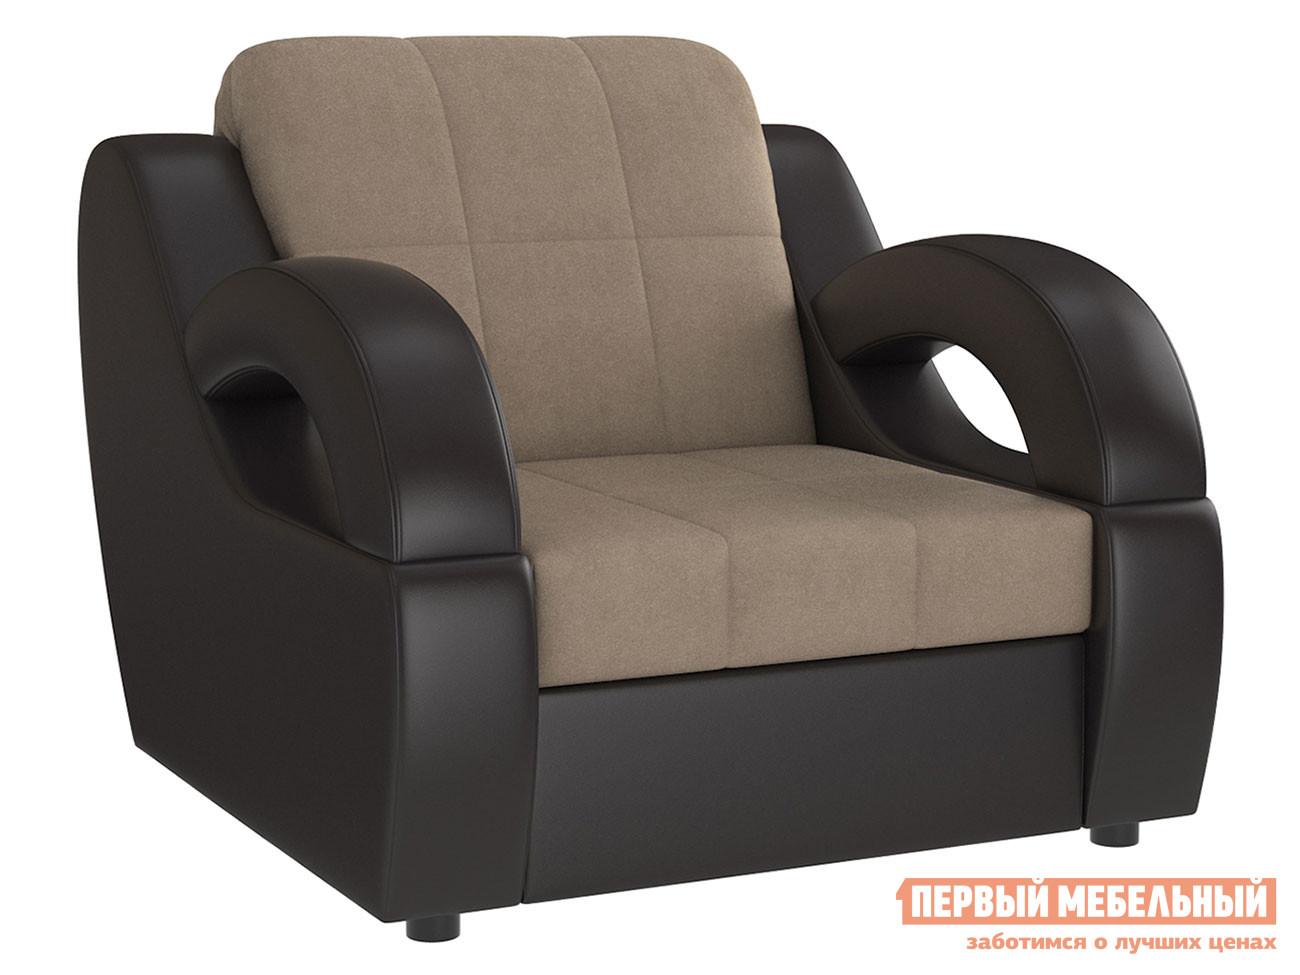 Кресло-кровать Первый Мебельный Круз Люкс кресло кровать первый мебельный марио люкс